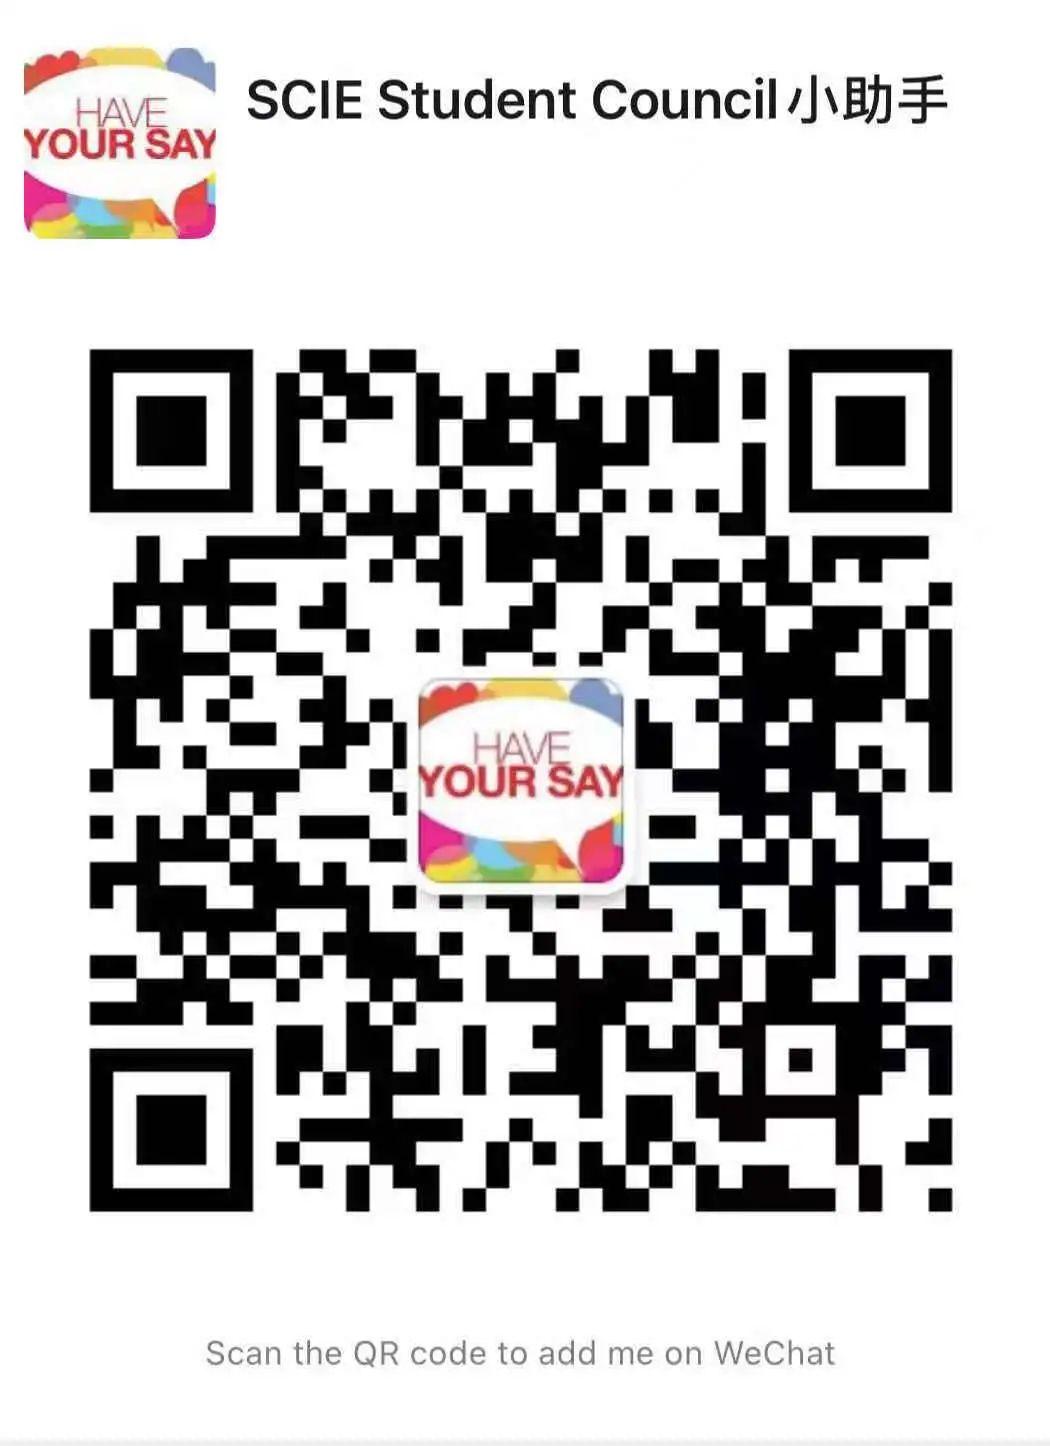 深国交新社团Student Council:发声途径(讨论学校政策、交换意见观点)